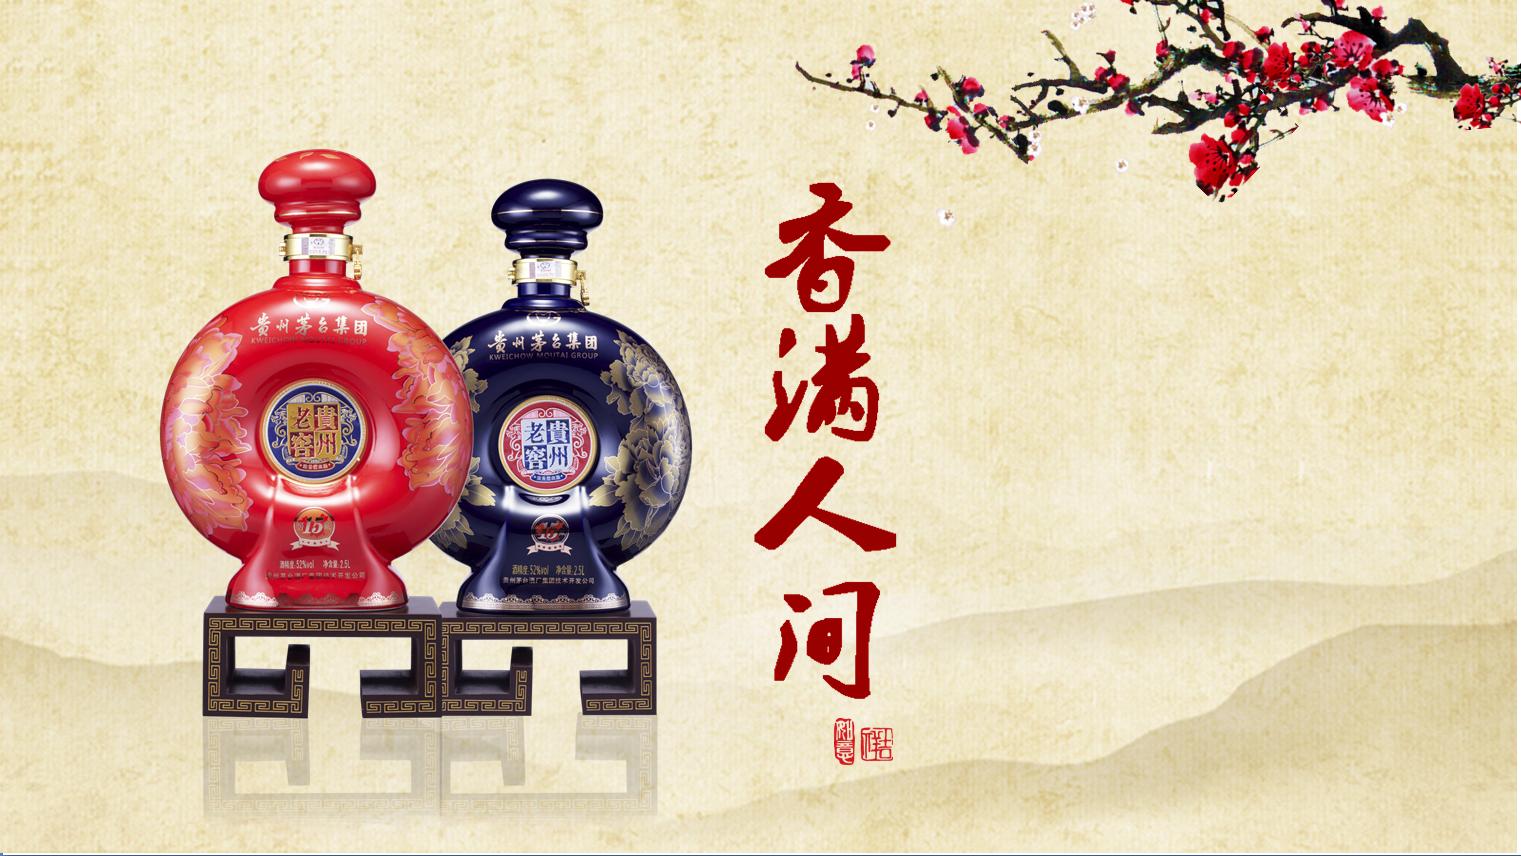 贵州老窖香满人间批发、白酒价格、茅台集团礼品酒批发商行